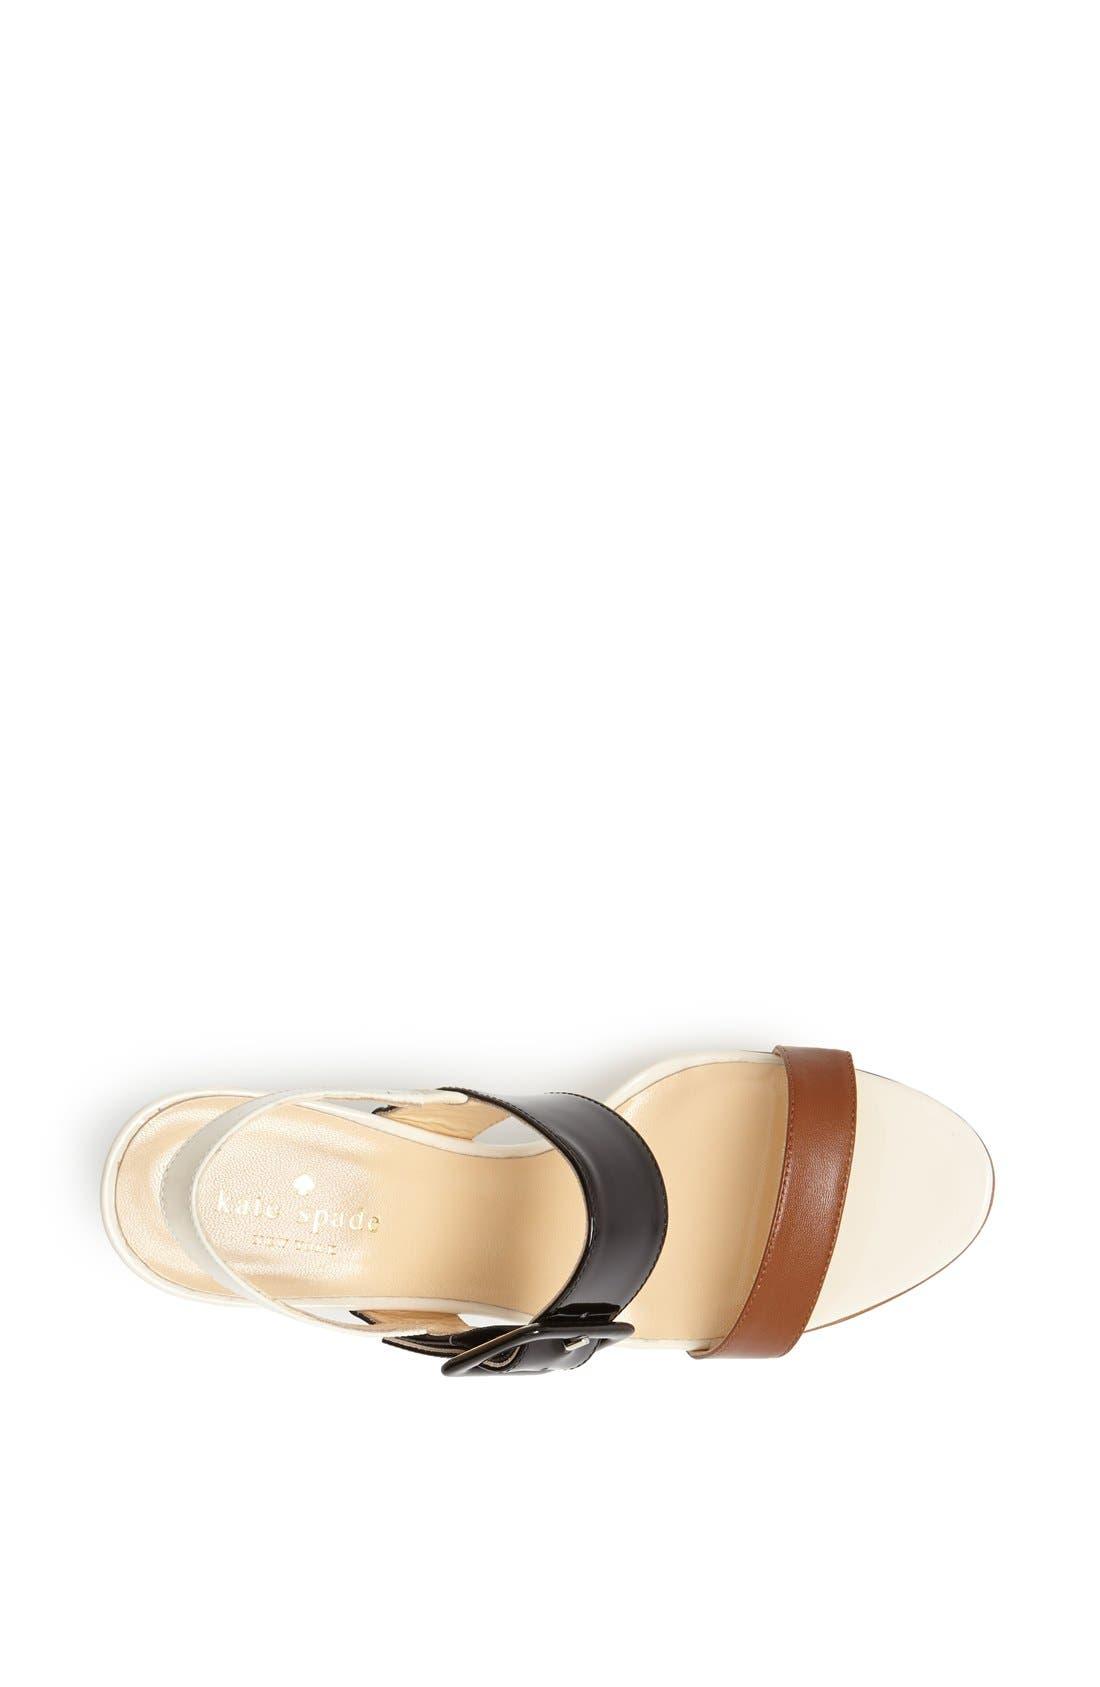 Alternate Image 3  - kate spade new york 'isola' wedge sandal